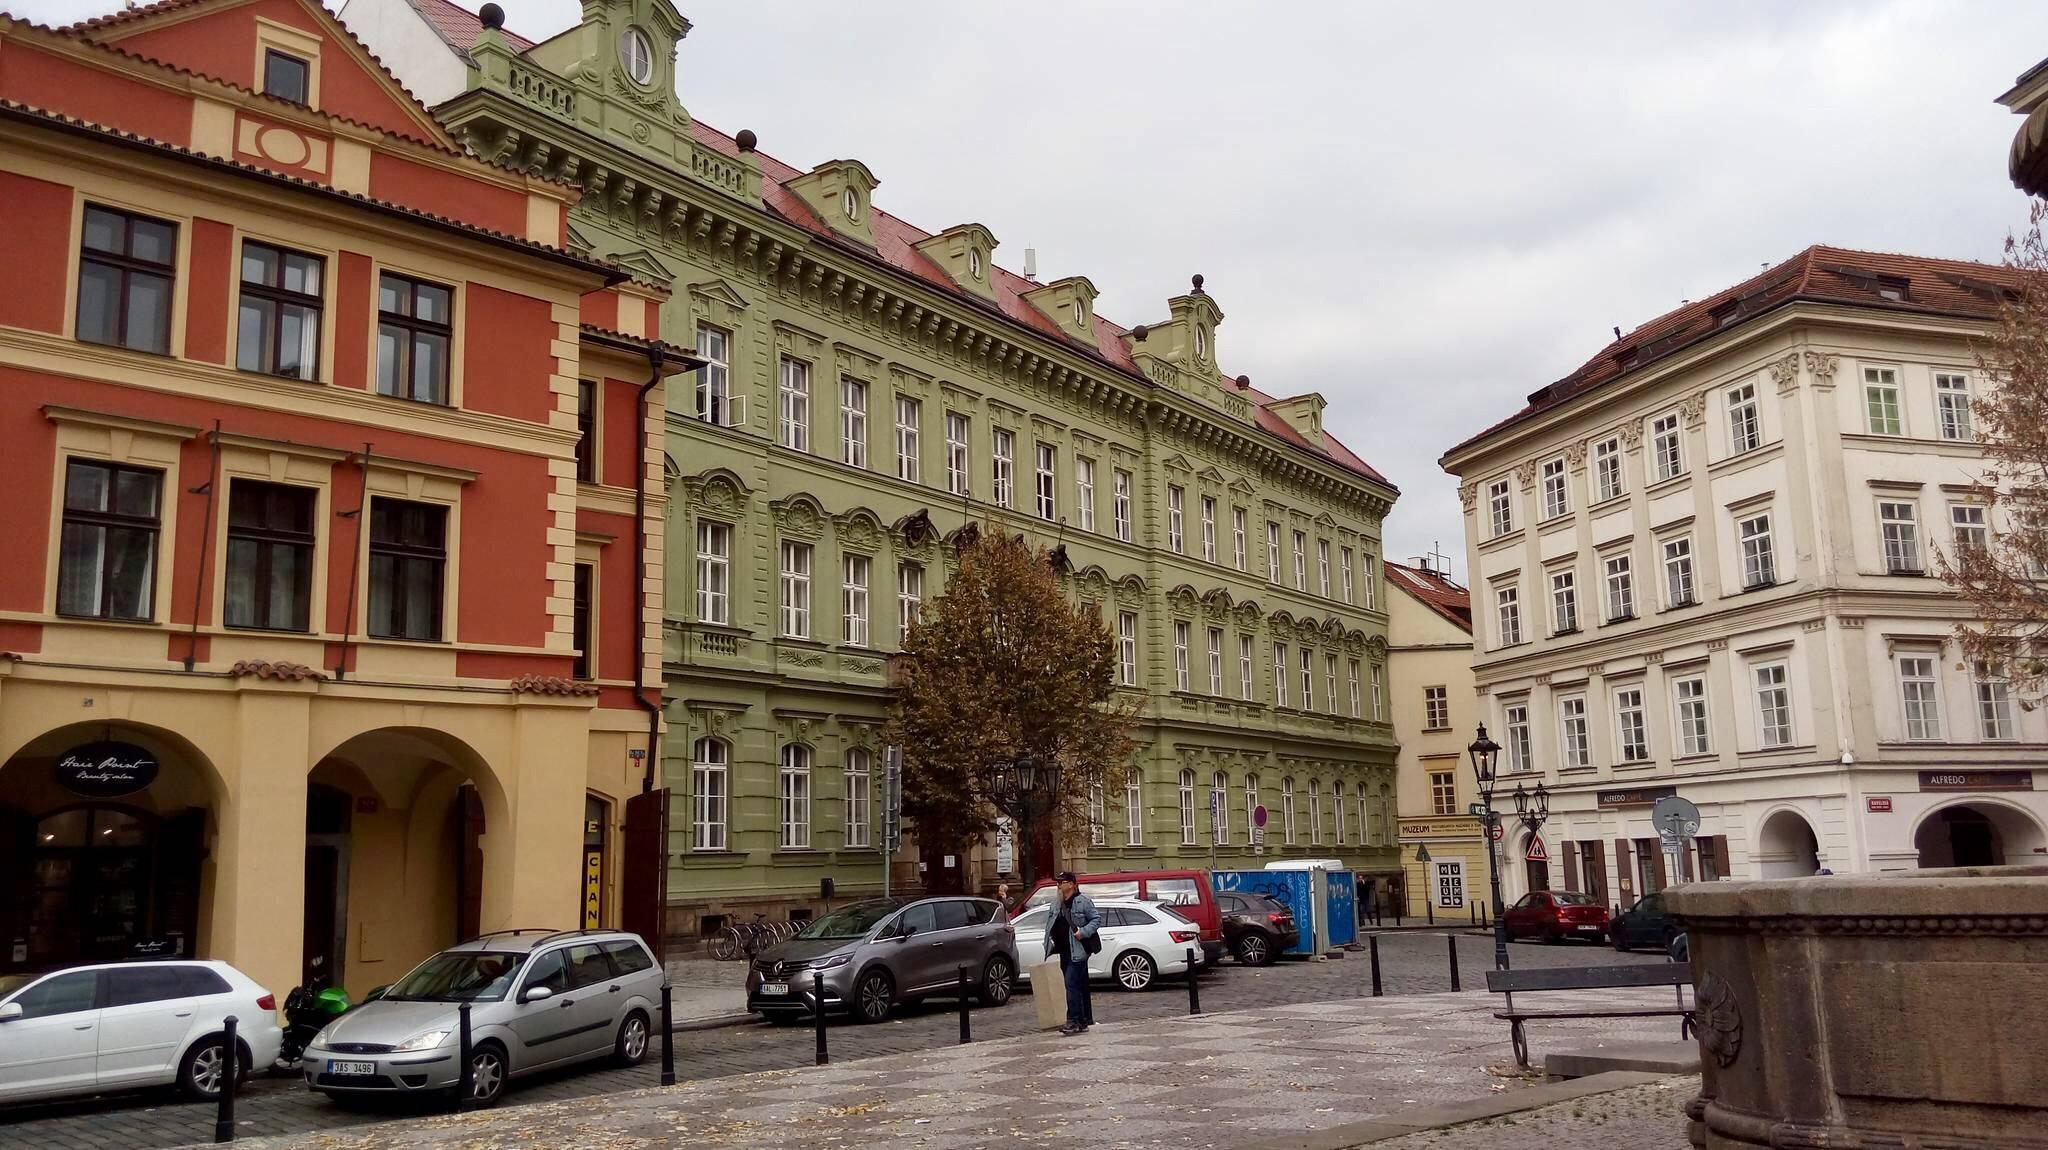 Государственные вузы чехии: список чешских государственных университетов